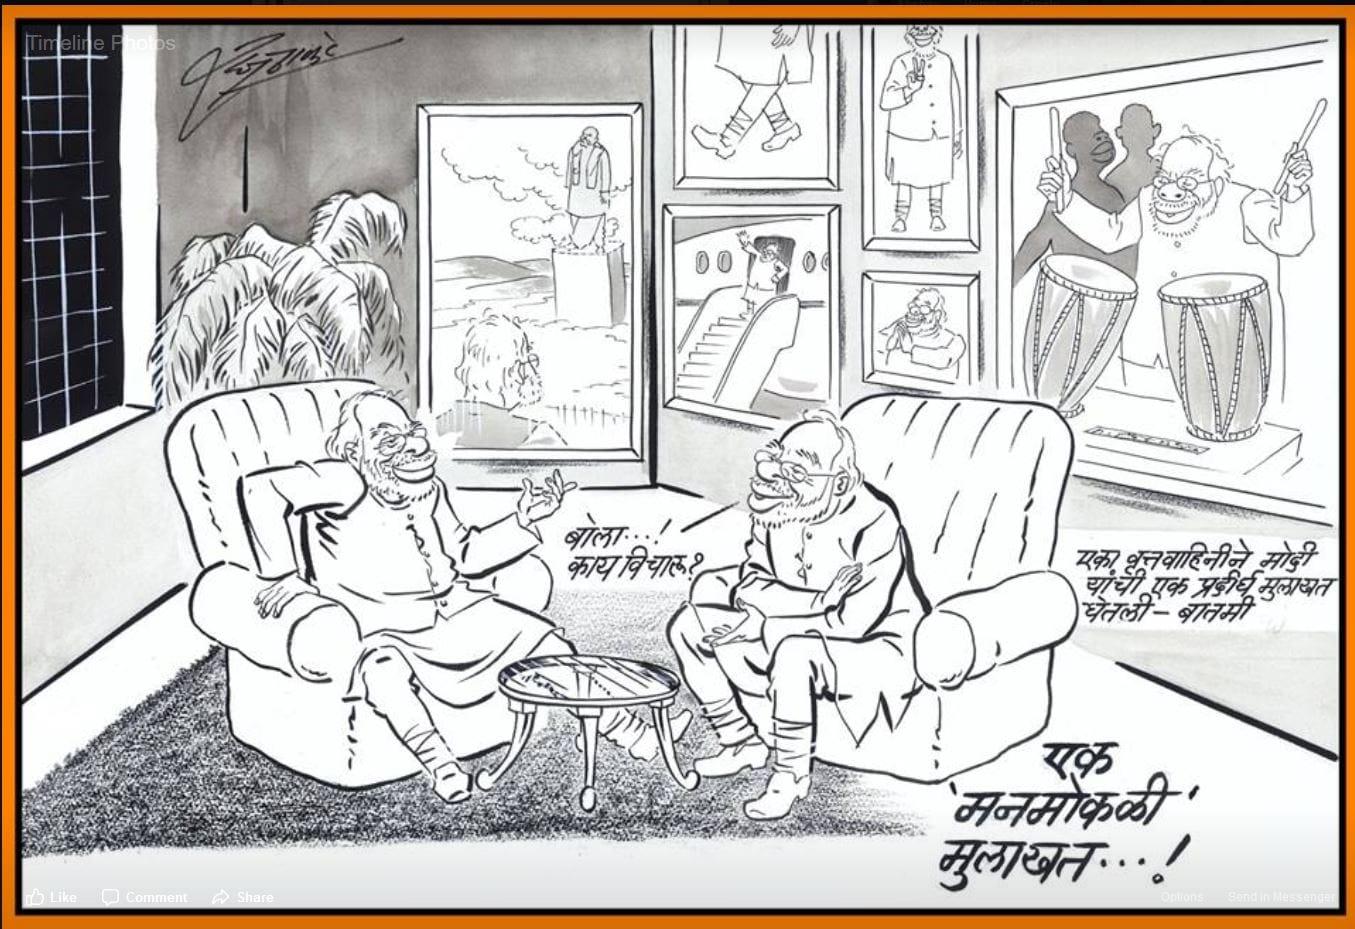 नरेंद्र मोदी यांच्या या मुलाखतीवर राज ठाकरे यांनी एक व्यंगचित्र रेखाटलं आहे. मुलाखतीत मोदींना विचारण्यात आलेले प्रश्न पूर्वनियोजित असल्याचं राज ठाकरेंनी दाखवलं.